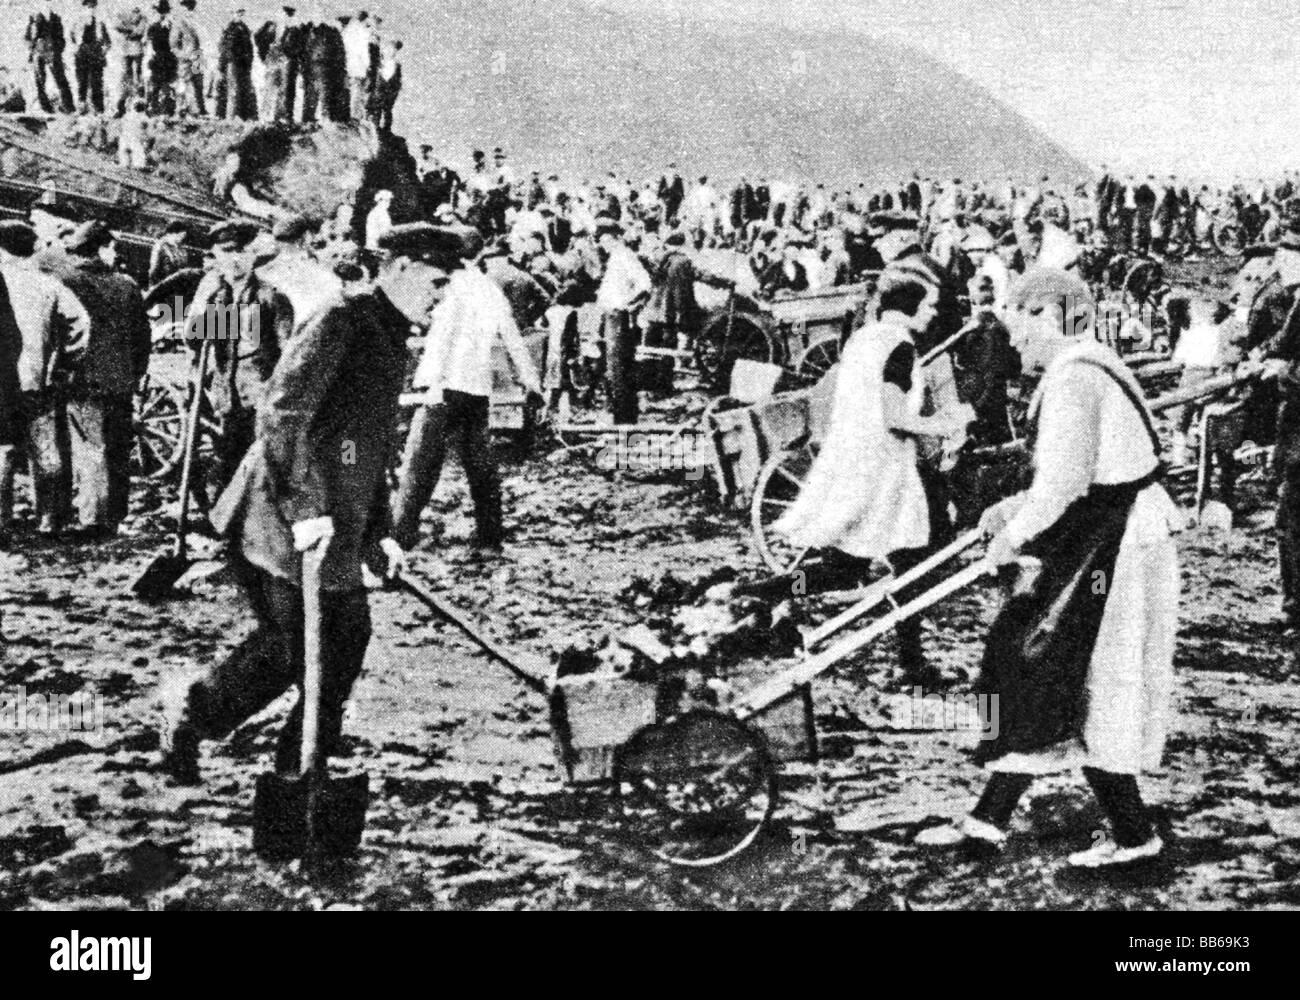 Veranstaltungen Große Depression 1929 1933 Menschen Suchen Im